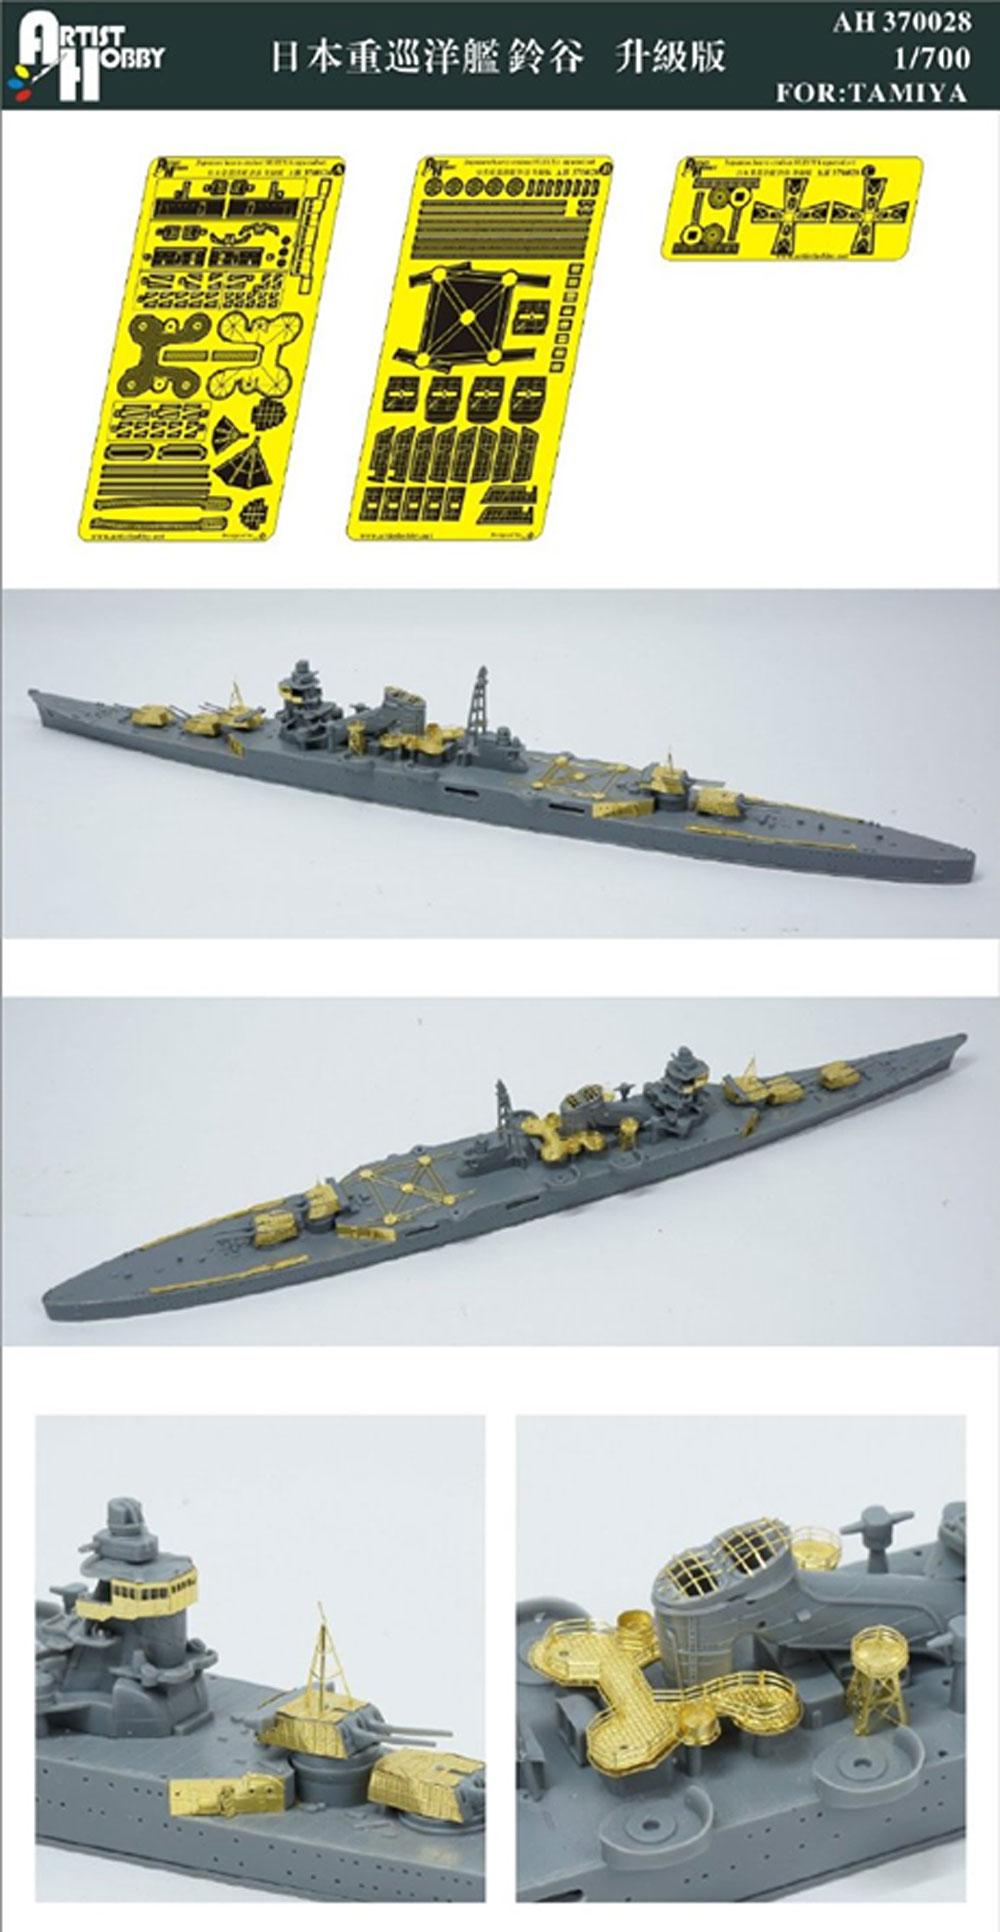 日本海軍 重巡洋艦 鈴谷 アップグレードセット (タミヤ用)エッチング(アーティストホビー1/700 アップグレードパーツNo.AH370028)商品画像_1